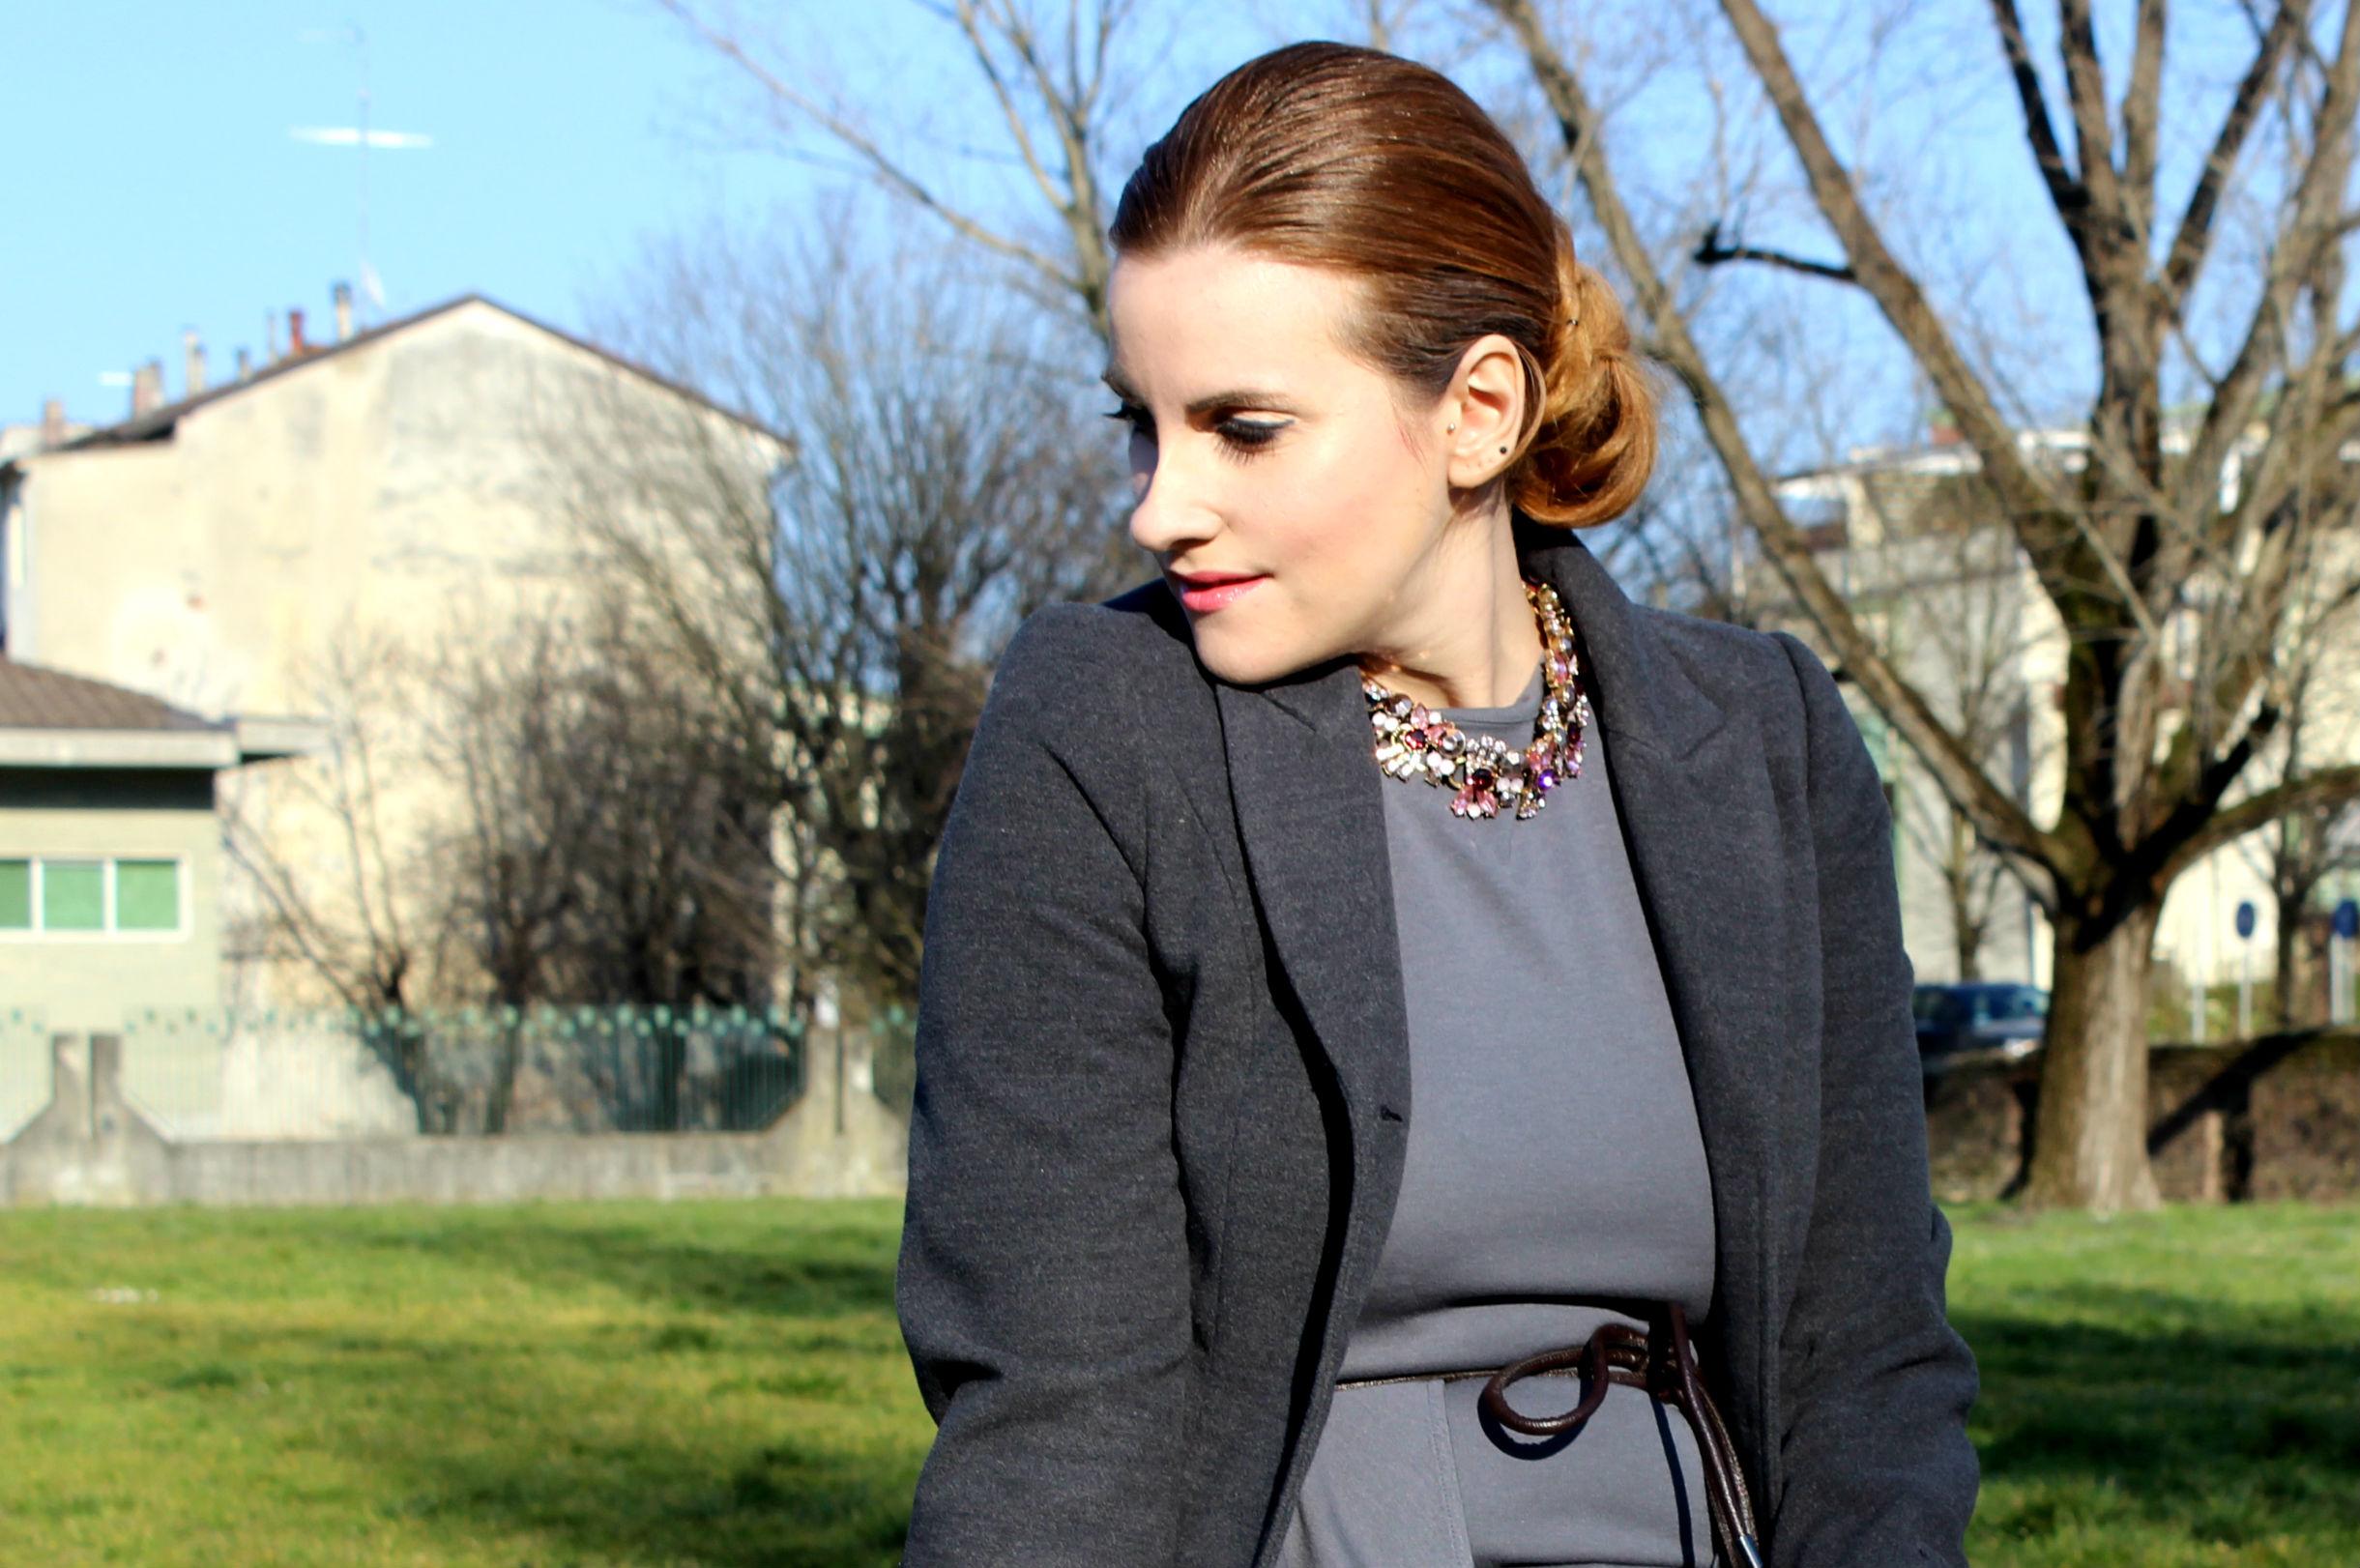 chiarabellini-accessori-outfit-made-initaly.elisabettabertolini